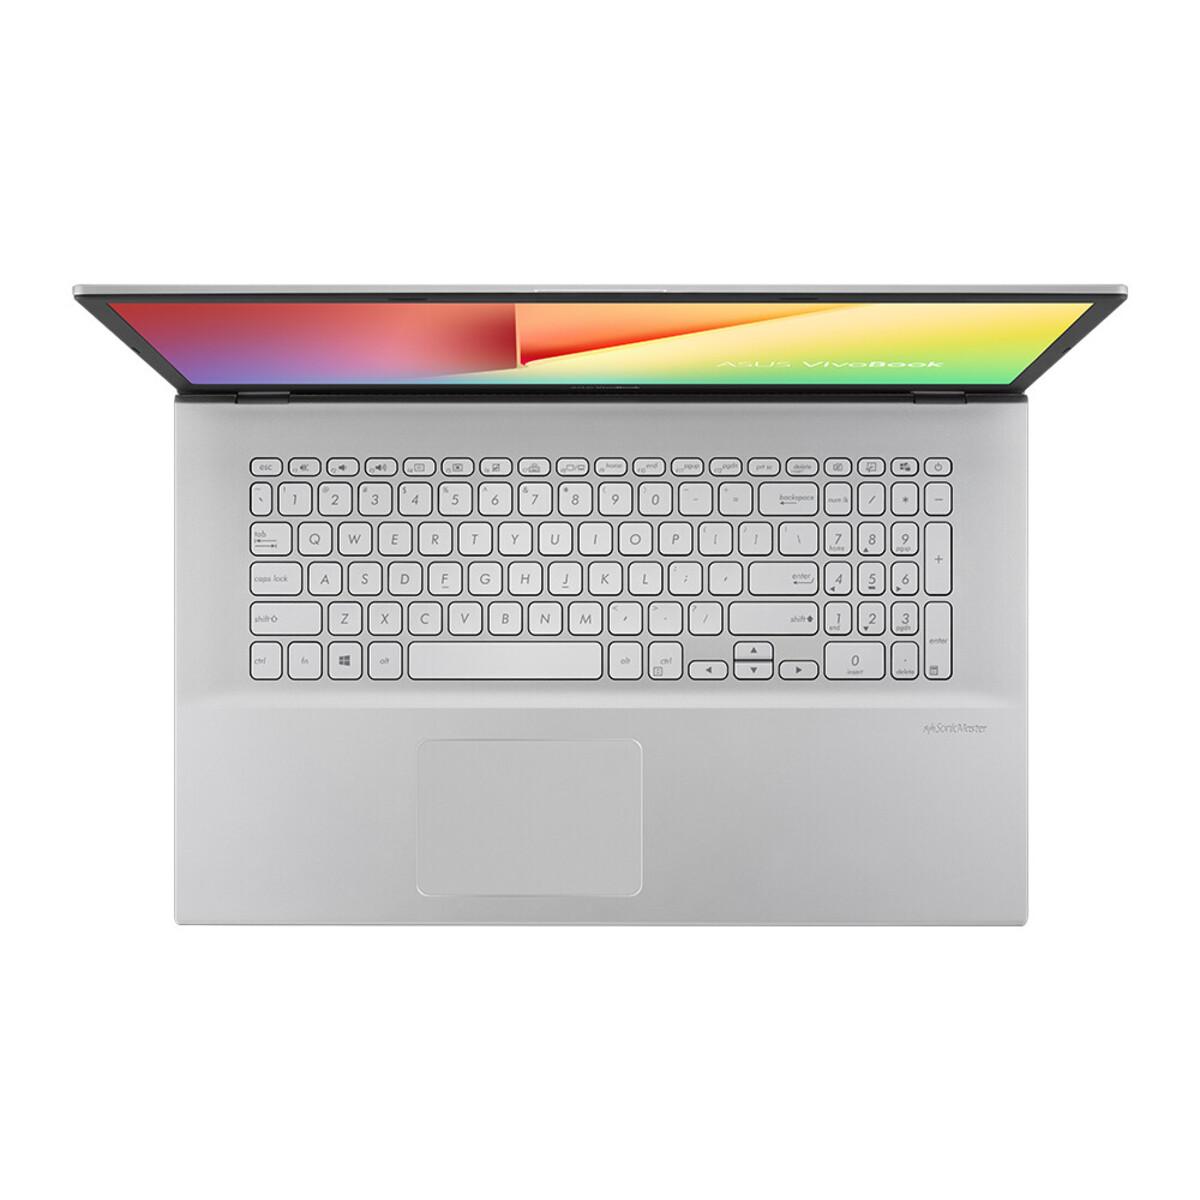 Bild 4 von ASUS VivoBook 17 F712JA-BX273T silber Notebook (17,3 HD+ matt, Core i3-1005G1, 8 GB RAM, 512 GB SSD, Intel UHD, Windows 10 Home)